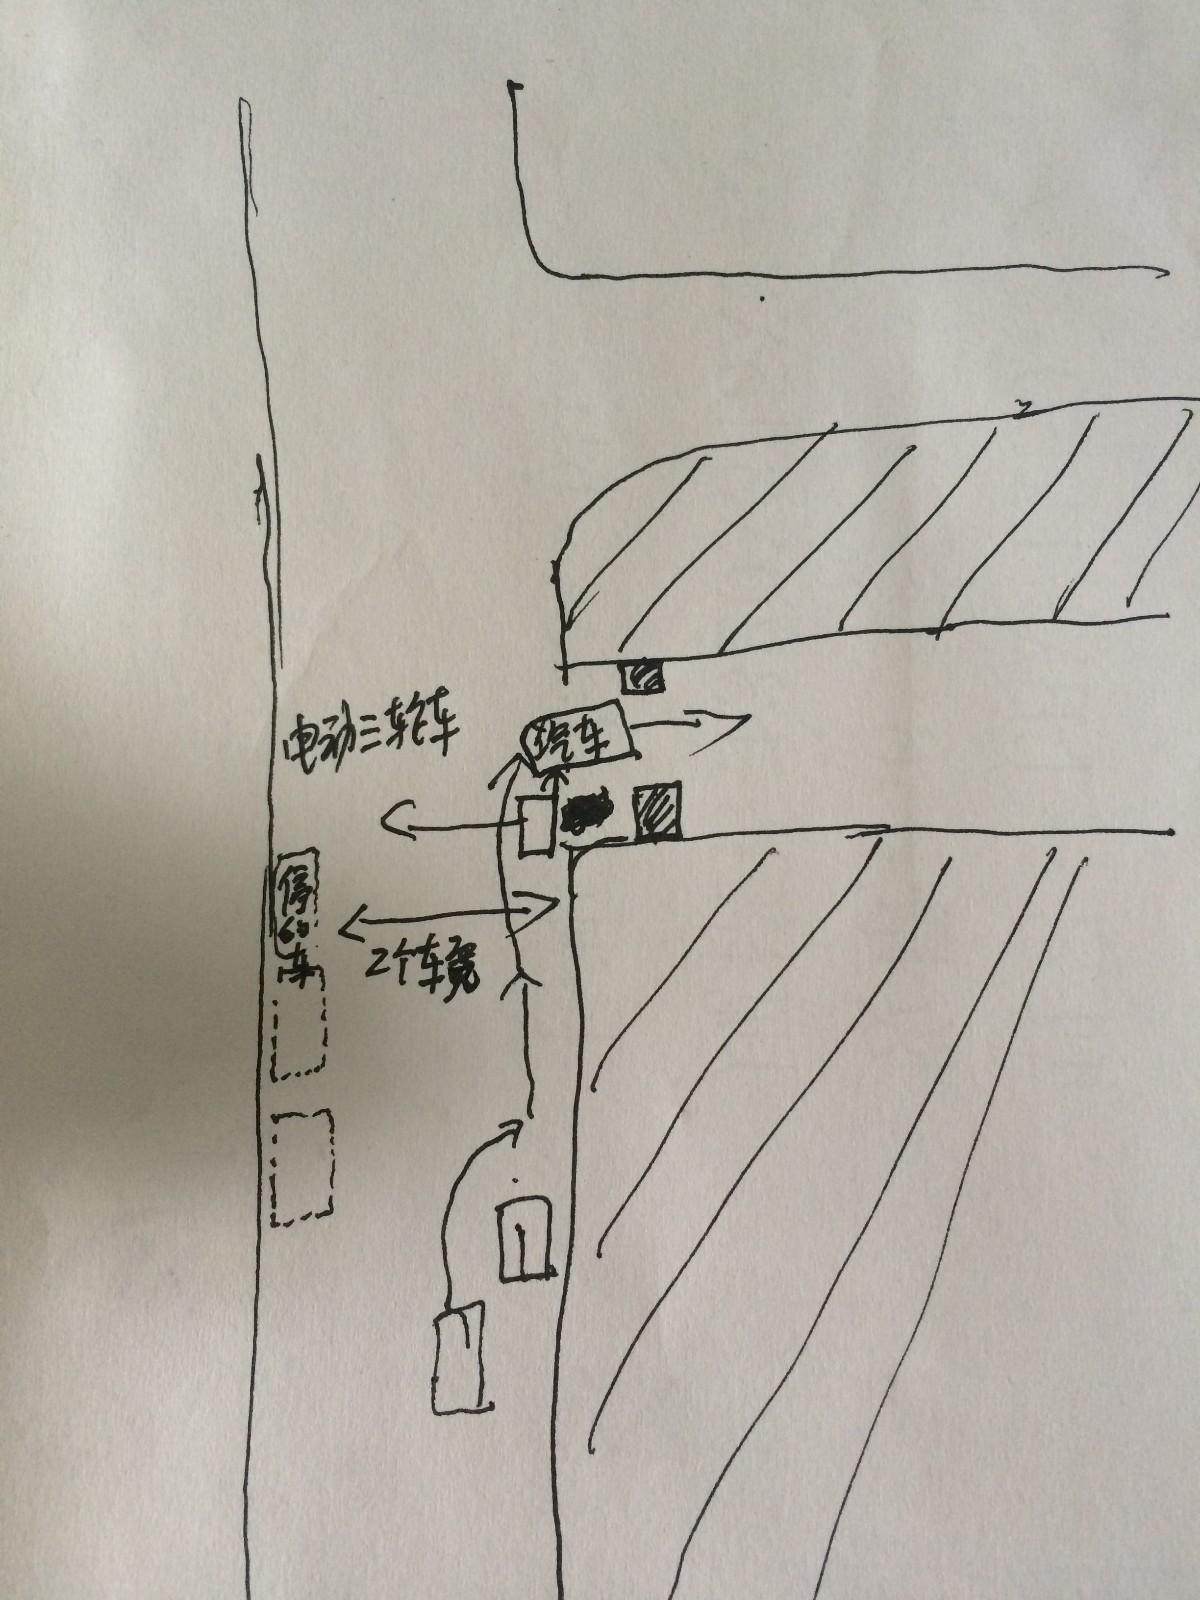 小路上右转被后面直行车撞谁的责任,如图所示后面电动